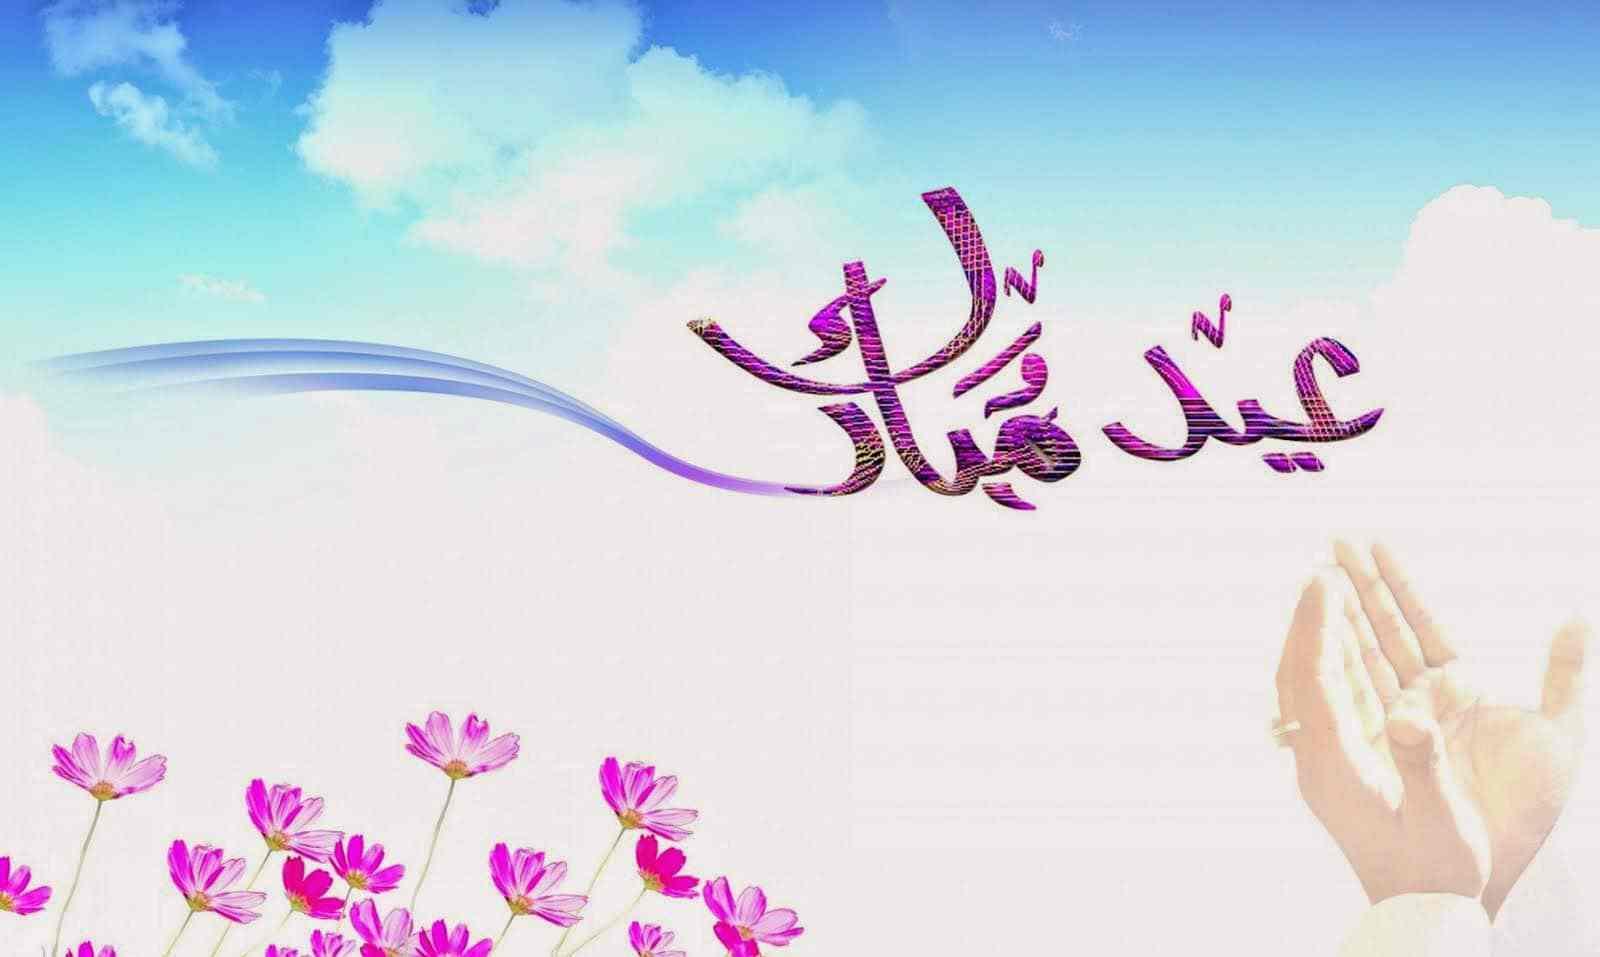 صور عن العيد 2020 رسائل عيد الفطر عيد الفطر المبارك صور عيد الفطر 7